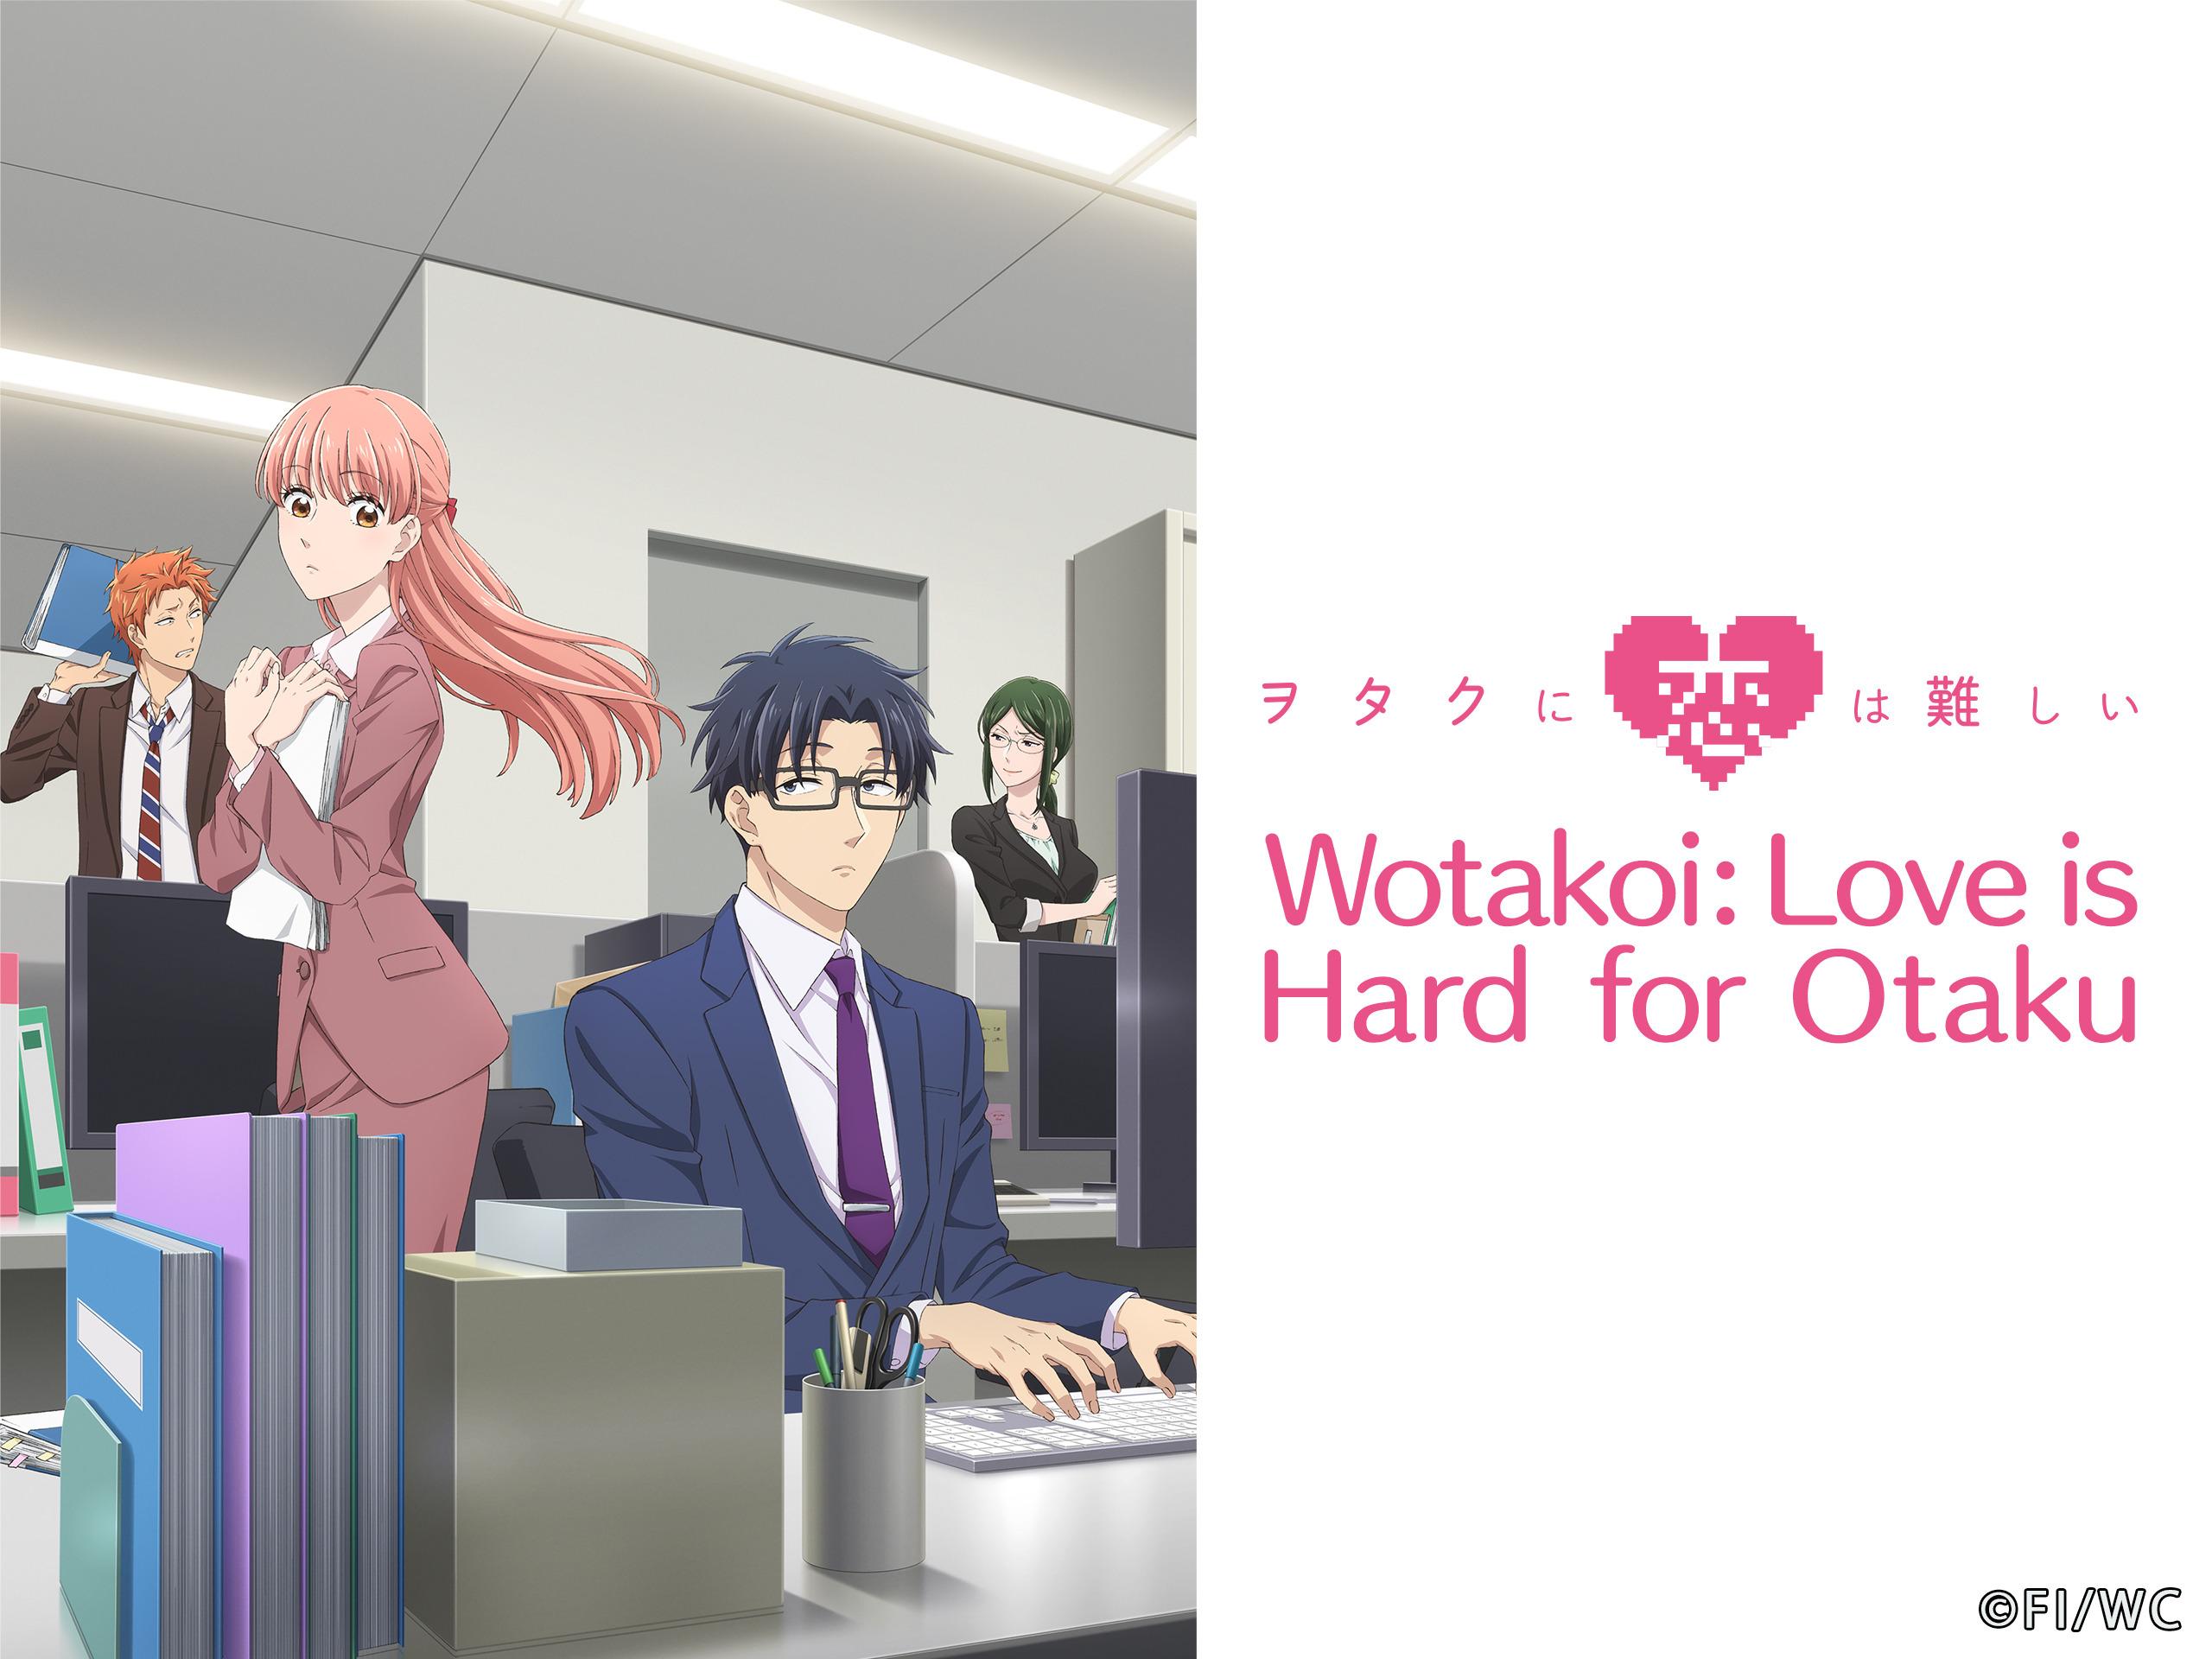 Otaku dating webbplatser